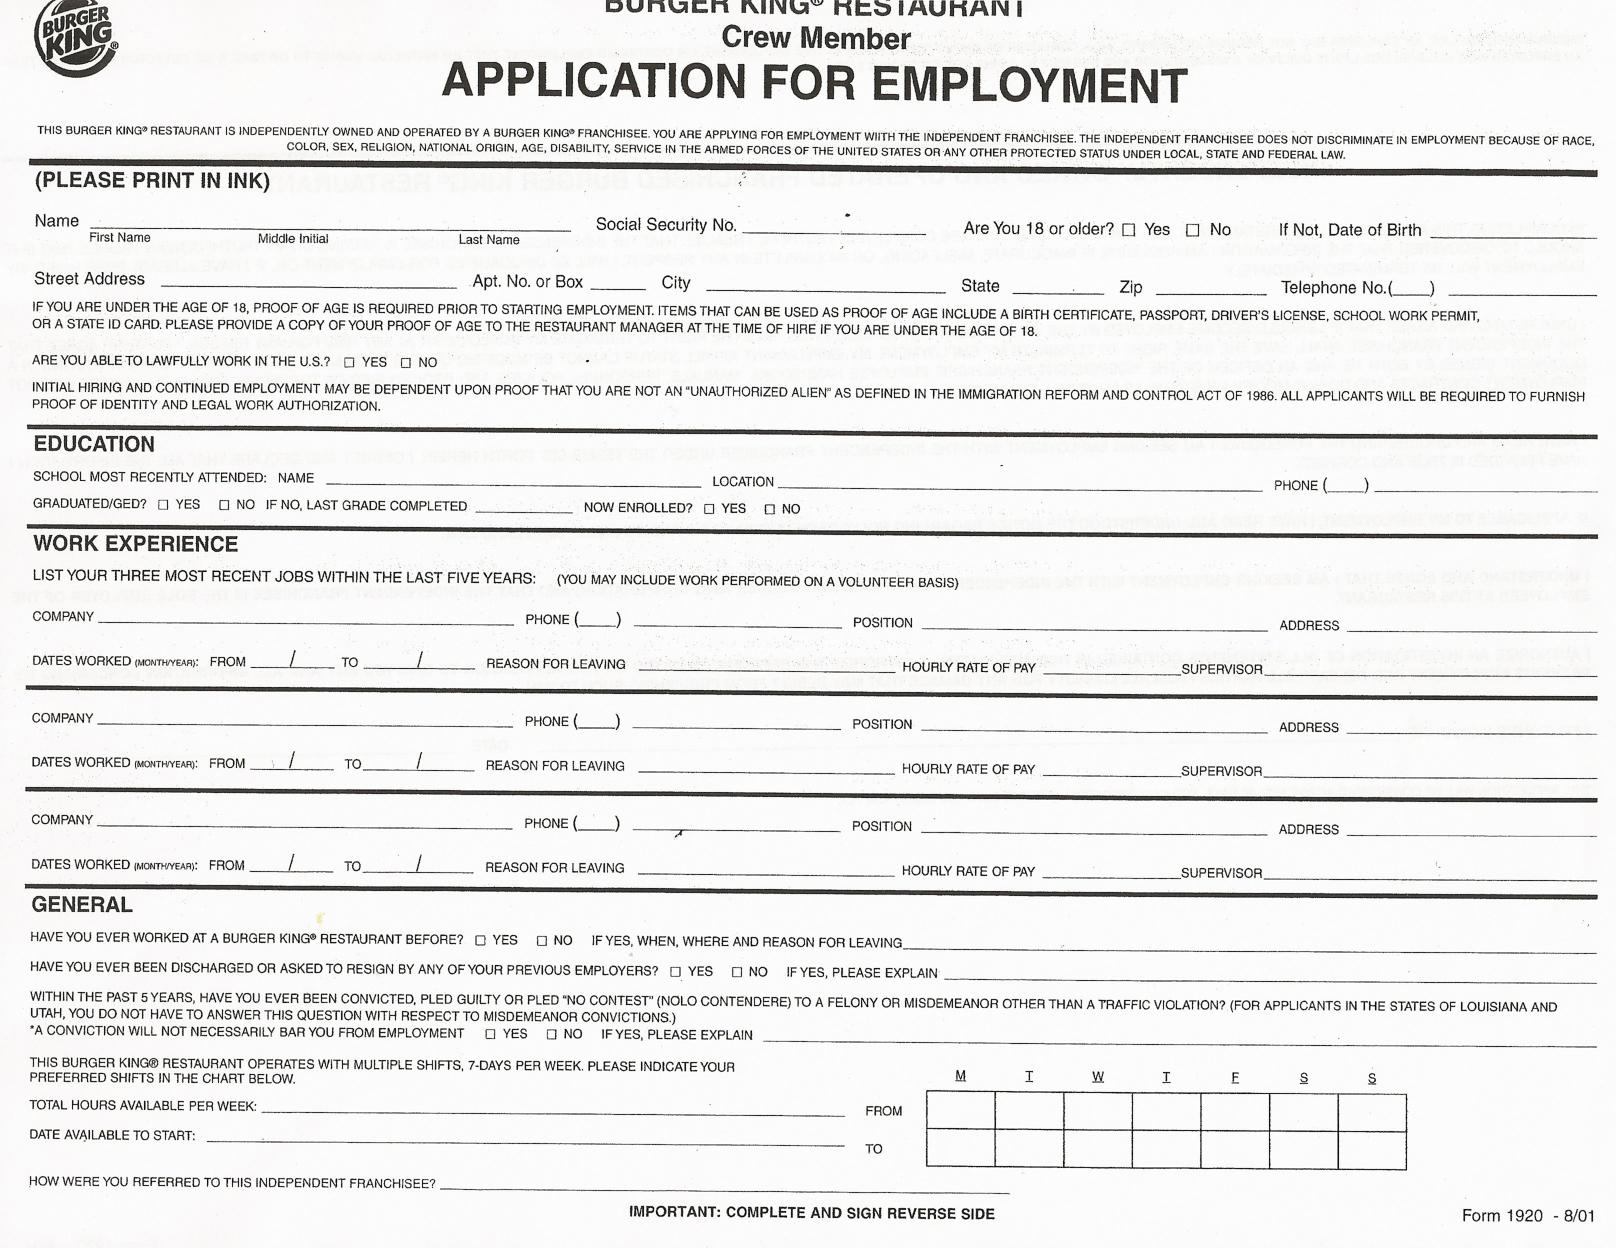 Job Application Forms To Print | Printable Job Application Forms - Application For Employment Form Free Printable